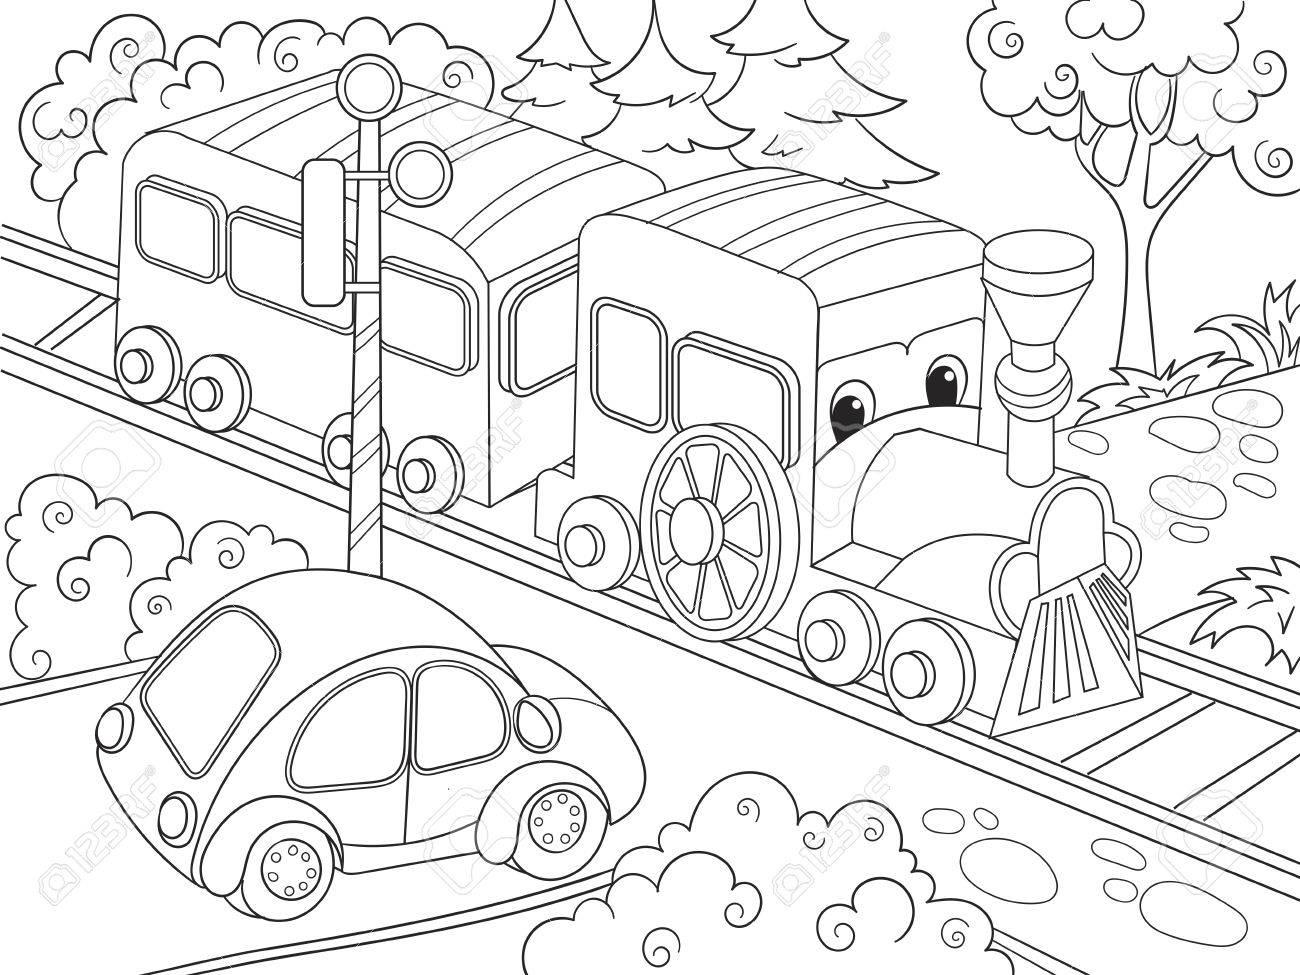 漫画電車車漫画のベクトル図子供のための塗り絵黒と白のイラスト素材